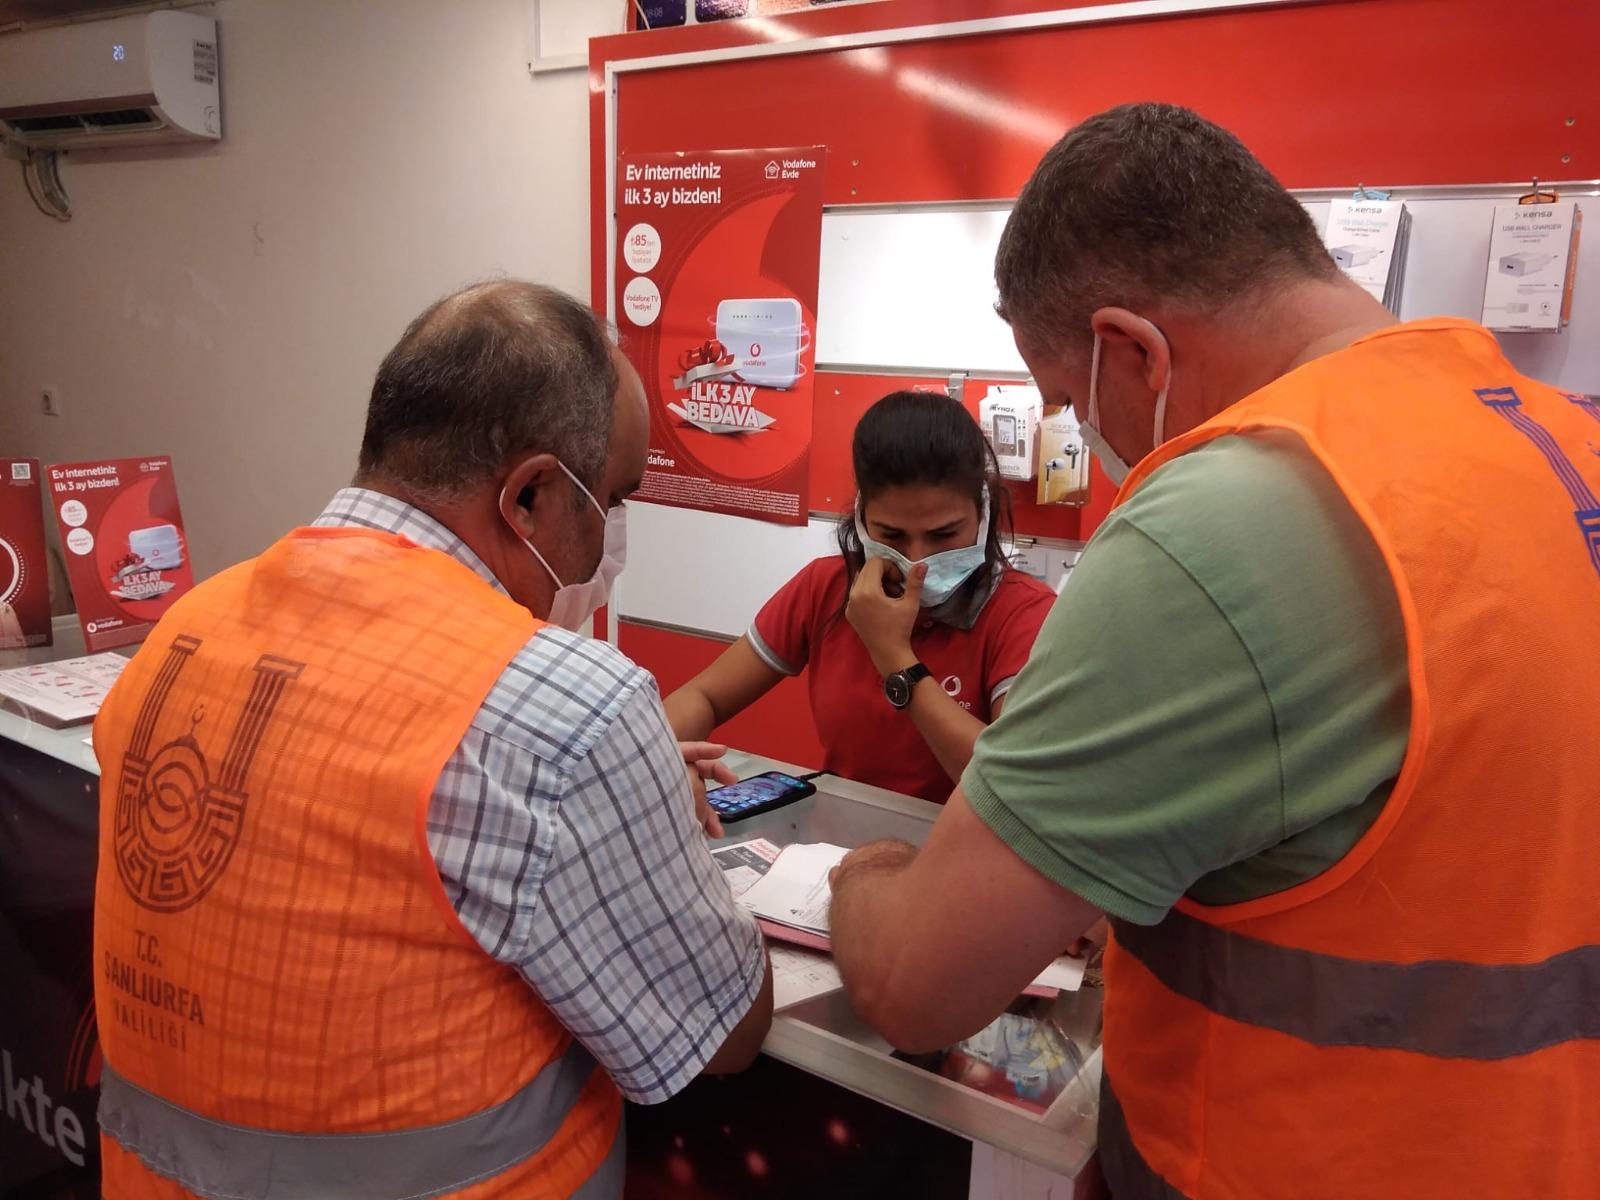 Şanlıurfa'da Pandemi Denetimleri Sürdürülüyor